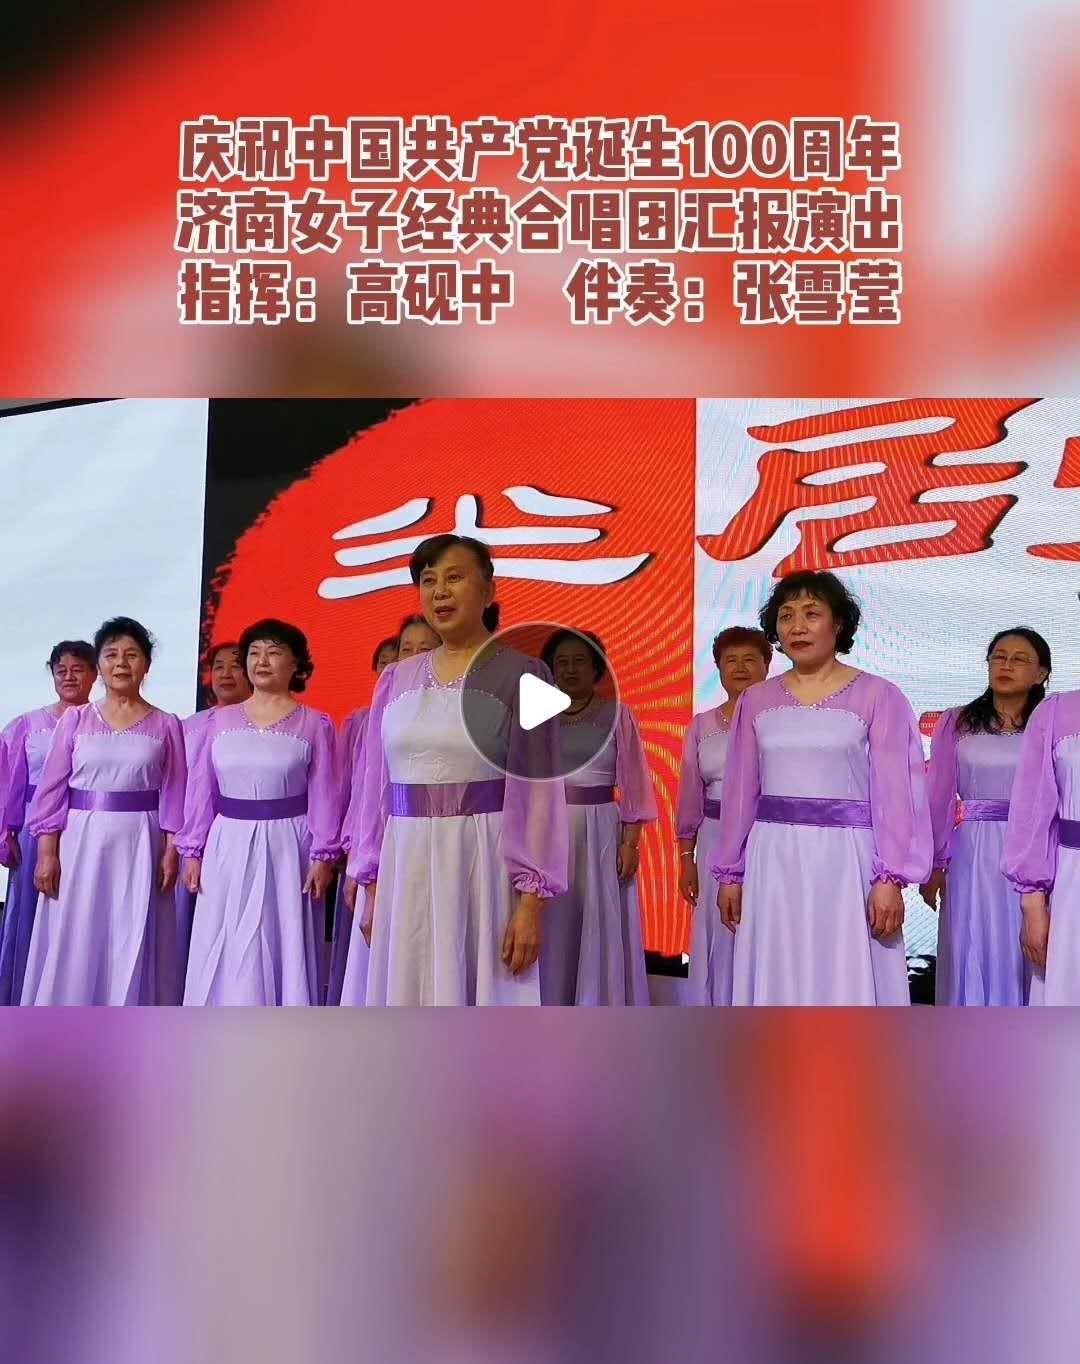 纪念中国纪共产党诞生100周年,济南女子经典合唱团在青东社区汇报演出